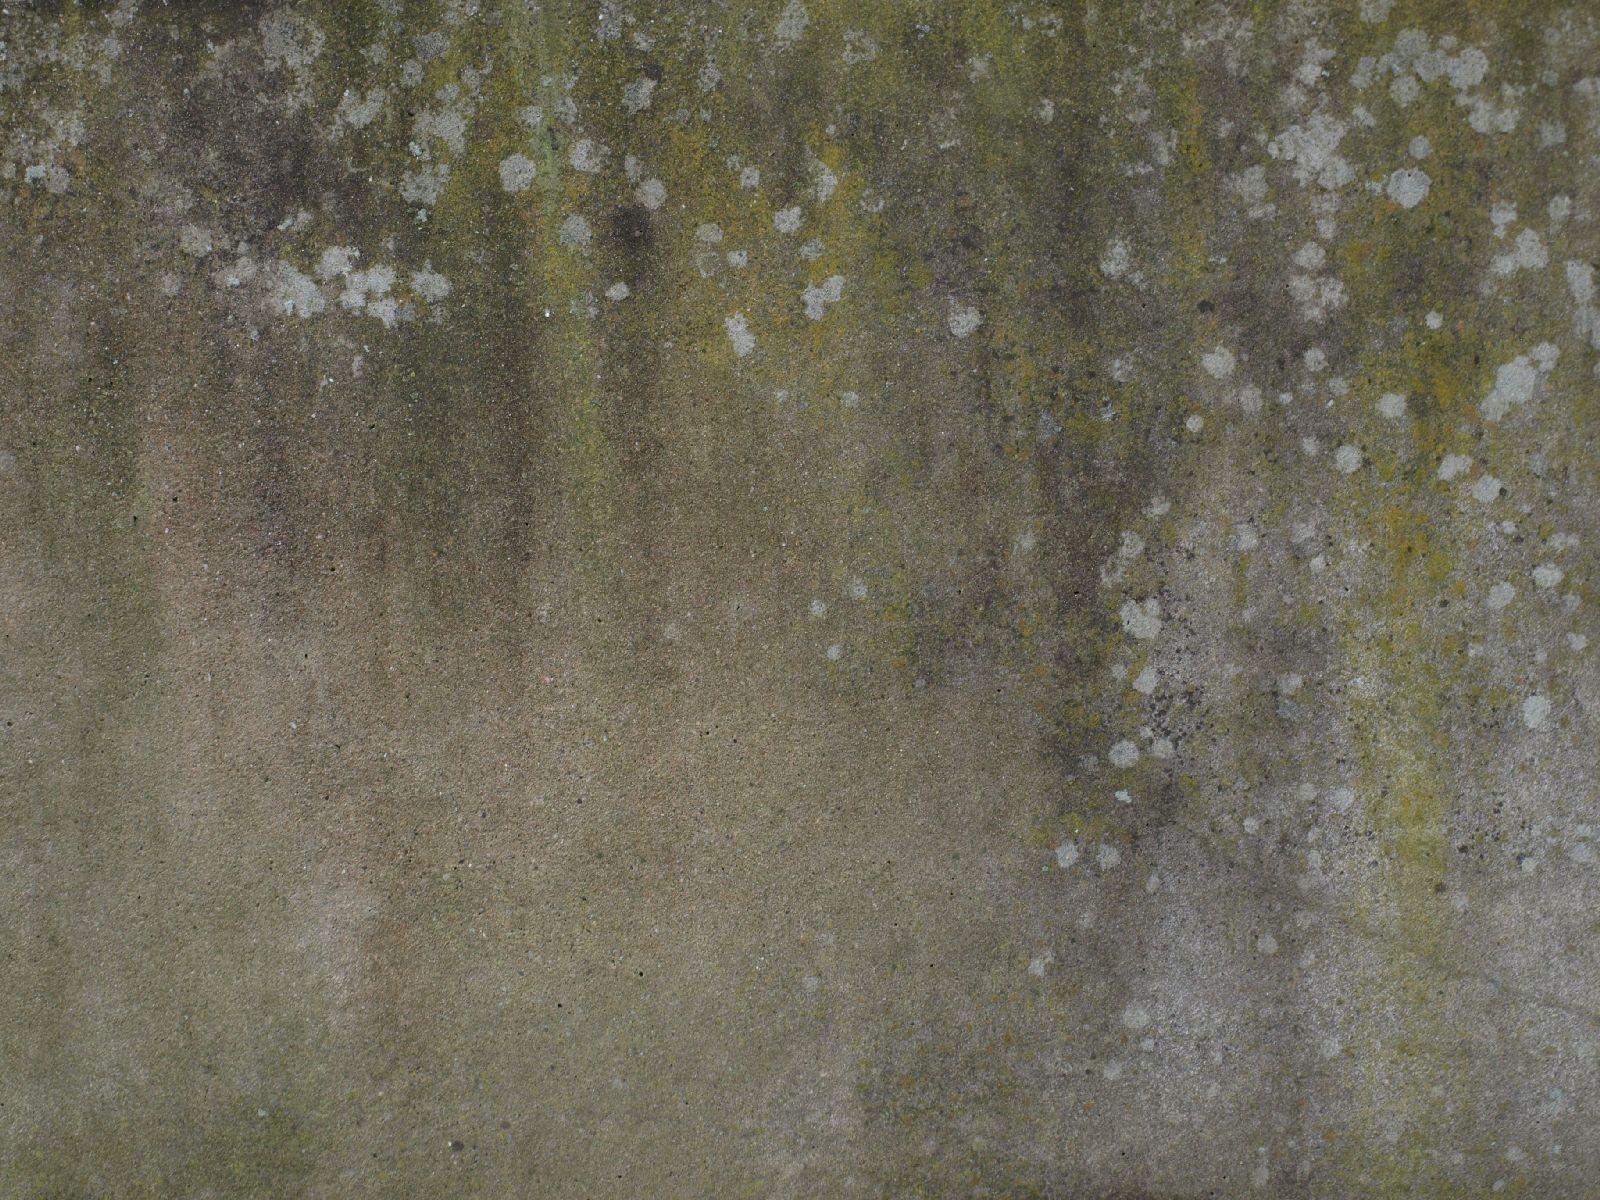 Grunge-Dreck_Textur_A_P2280874